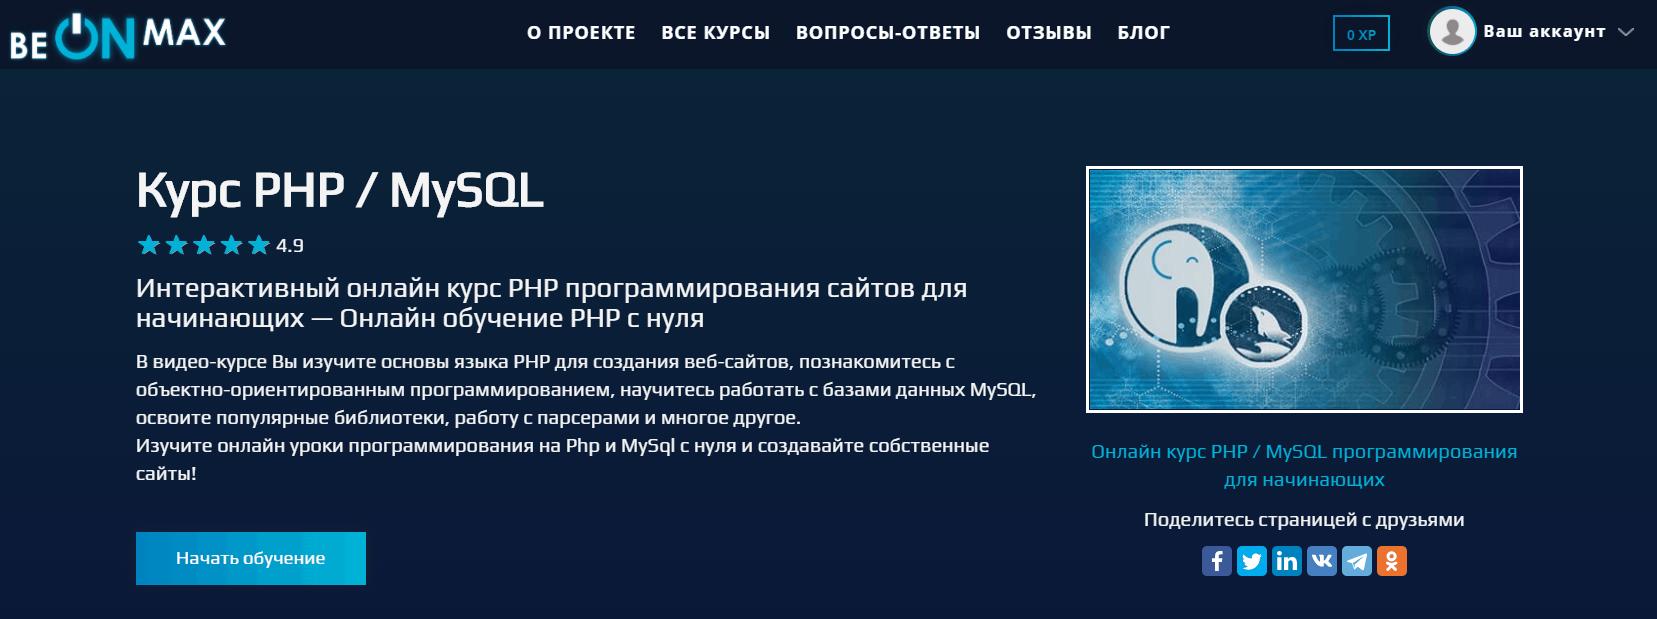 Онлайн-курс PHP от beONmax